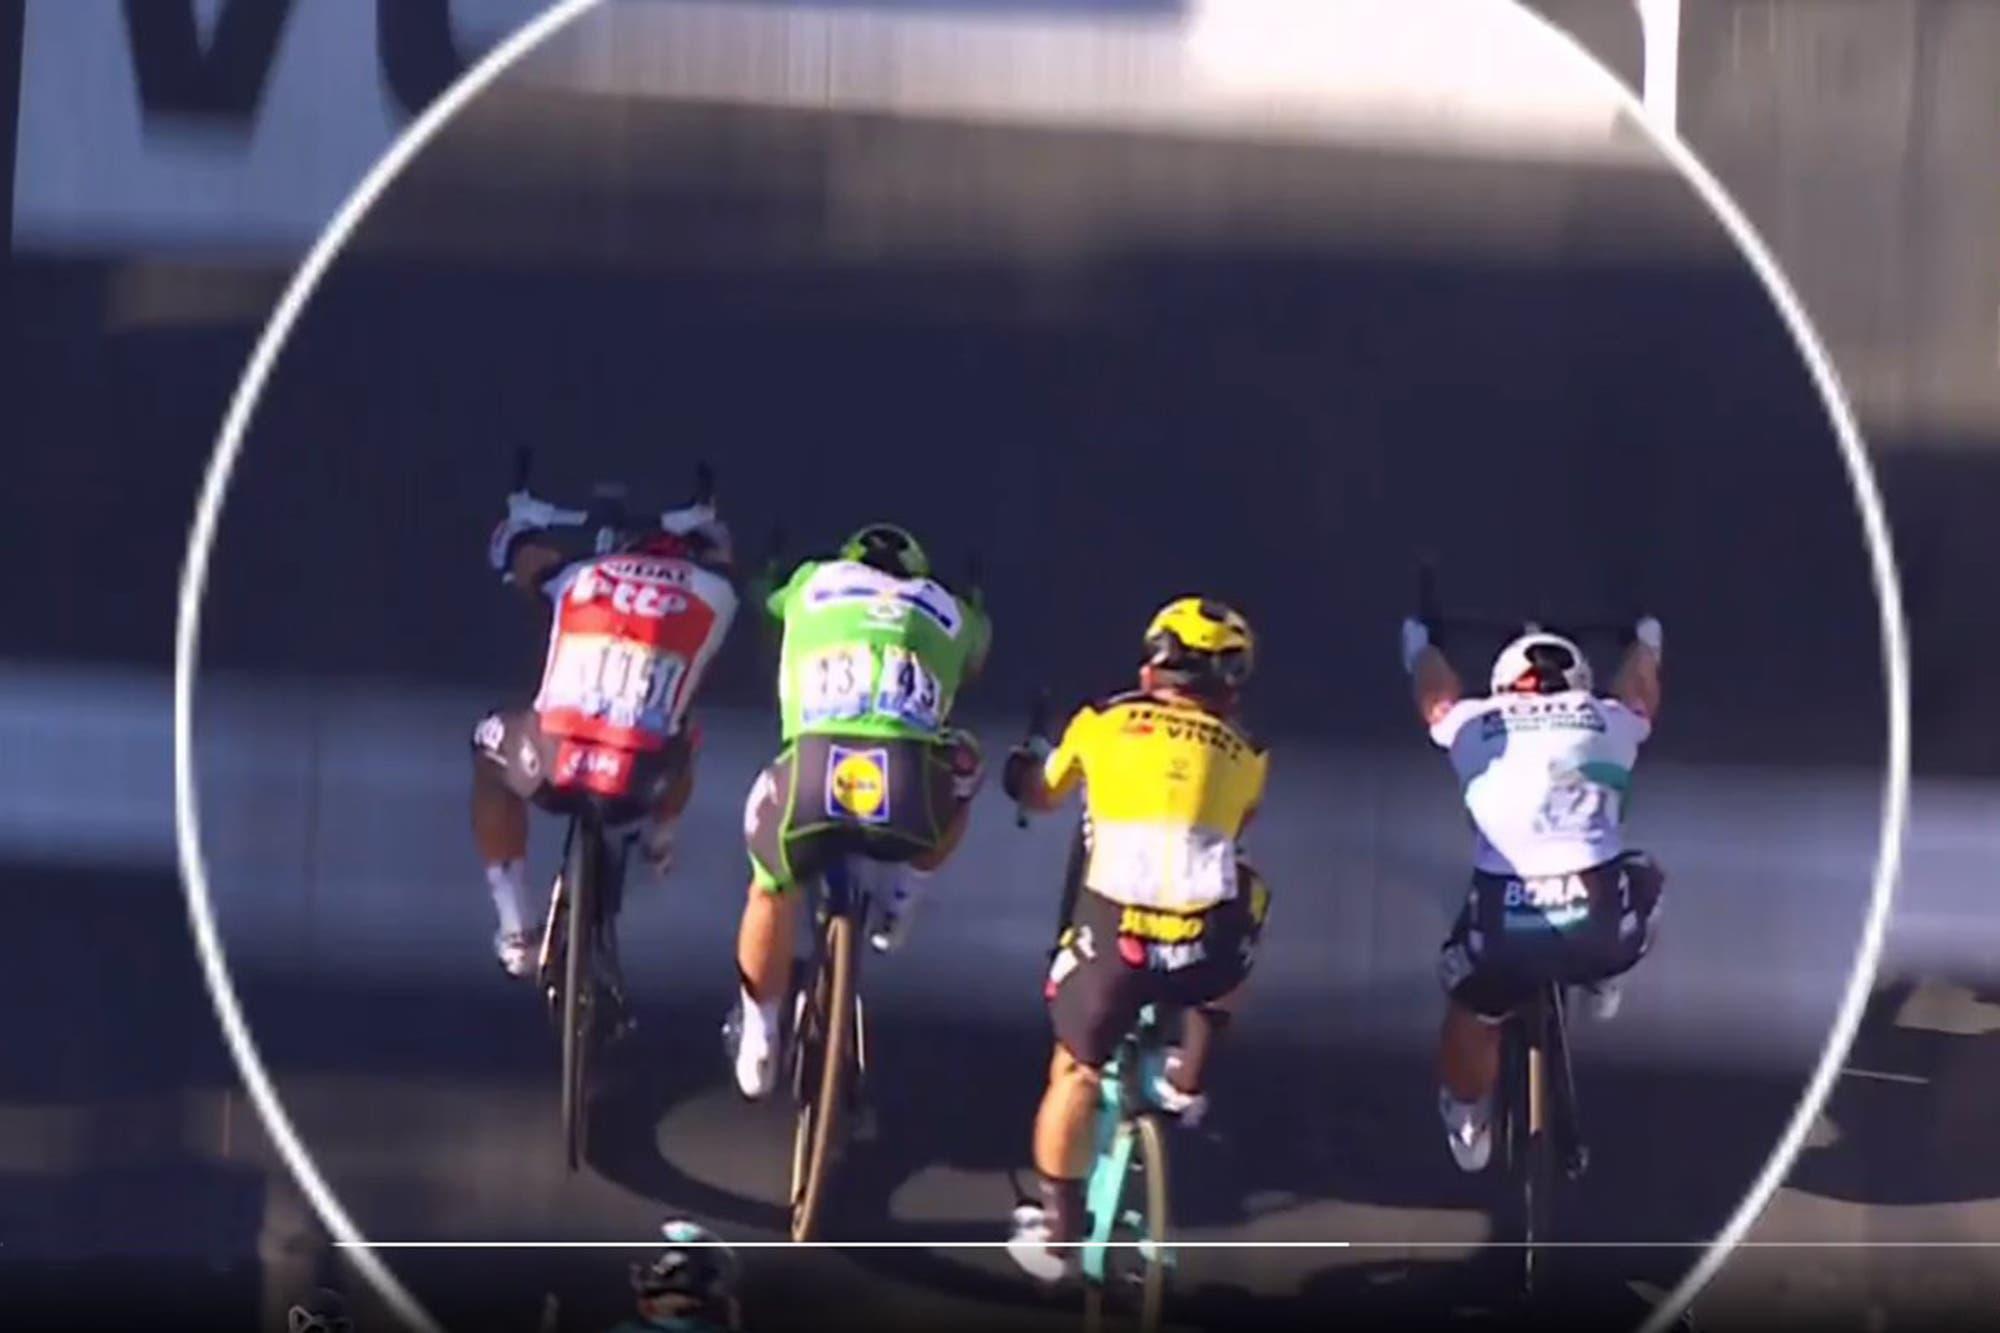 """Tour de Francia: una llegada """"muy caótica"""" con fotofinish, triunfo de Caleb Ewan, dura sanción a Peter Sagan y una discusión acalorada"""